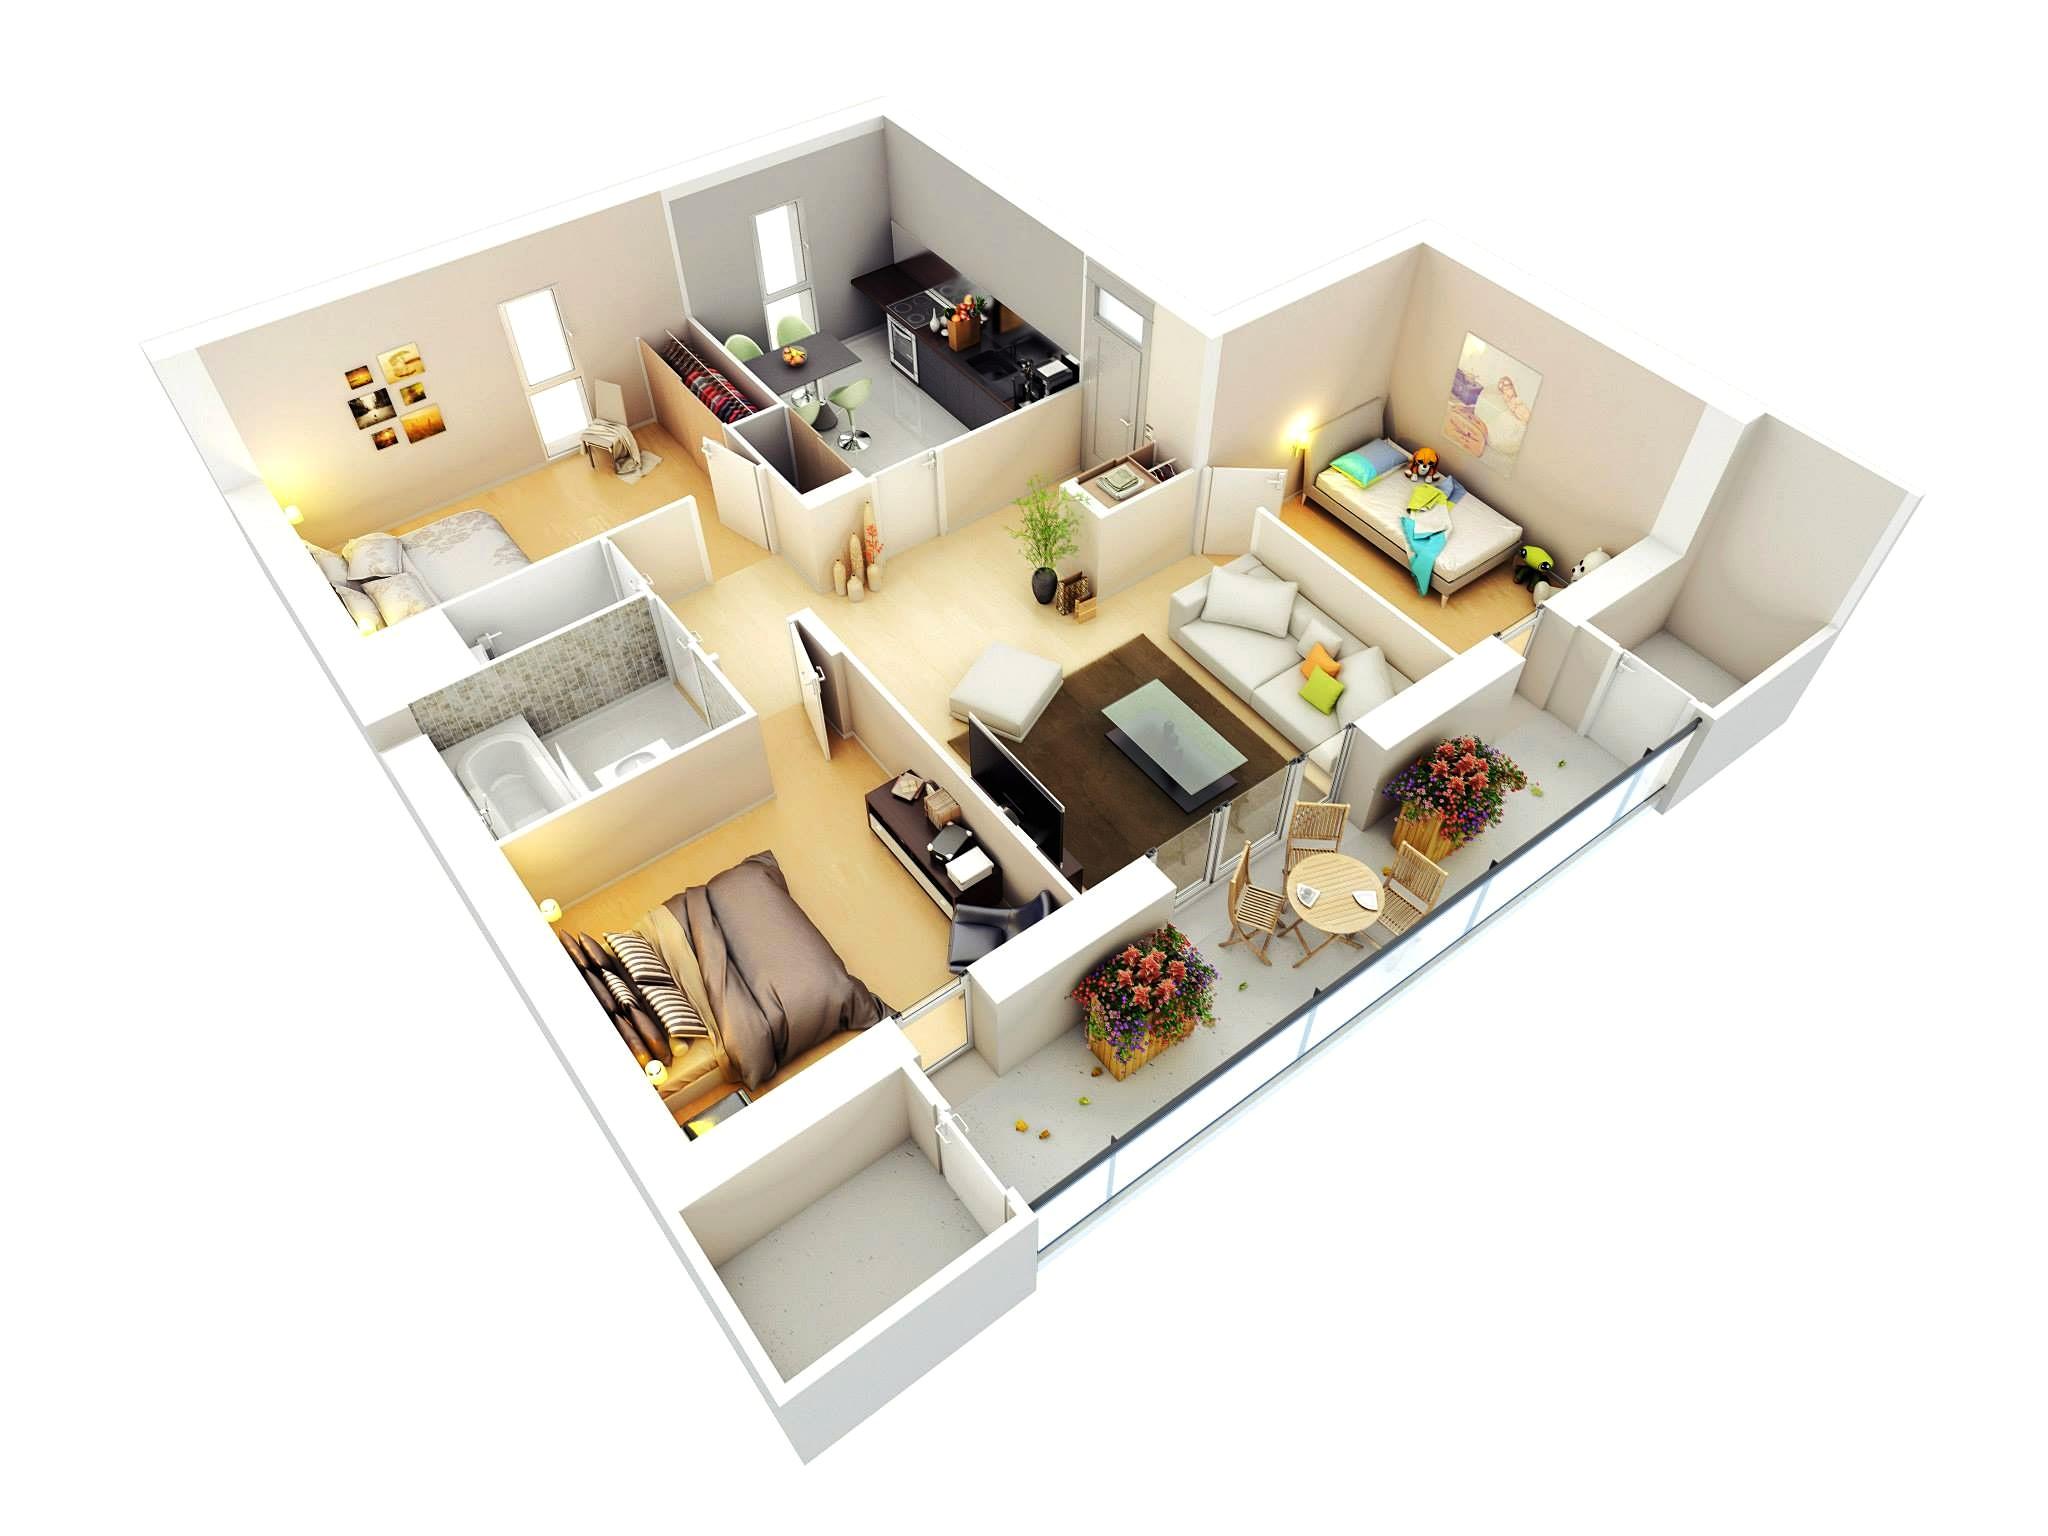 20 denah rumah sederhana 3 kamar tidur 3 dimensi 2019 | dekor rumah